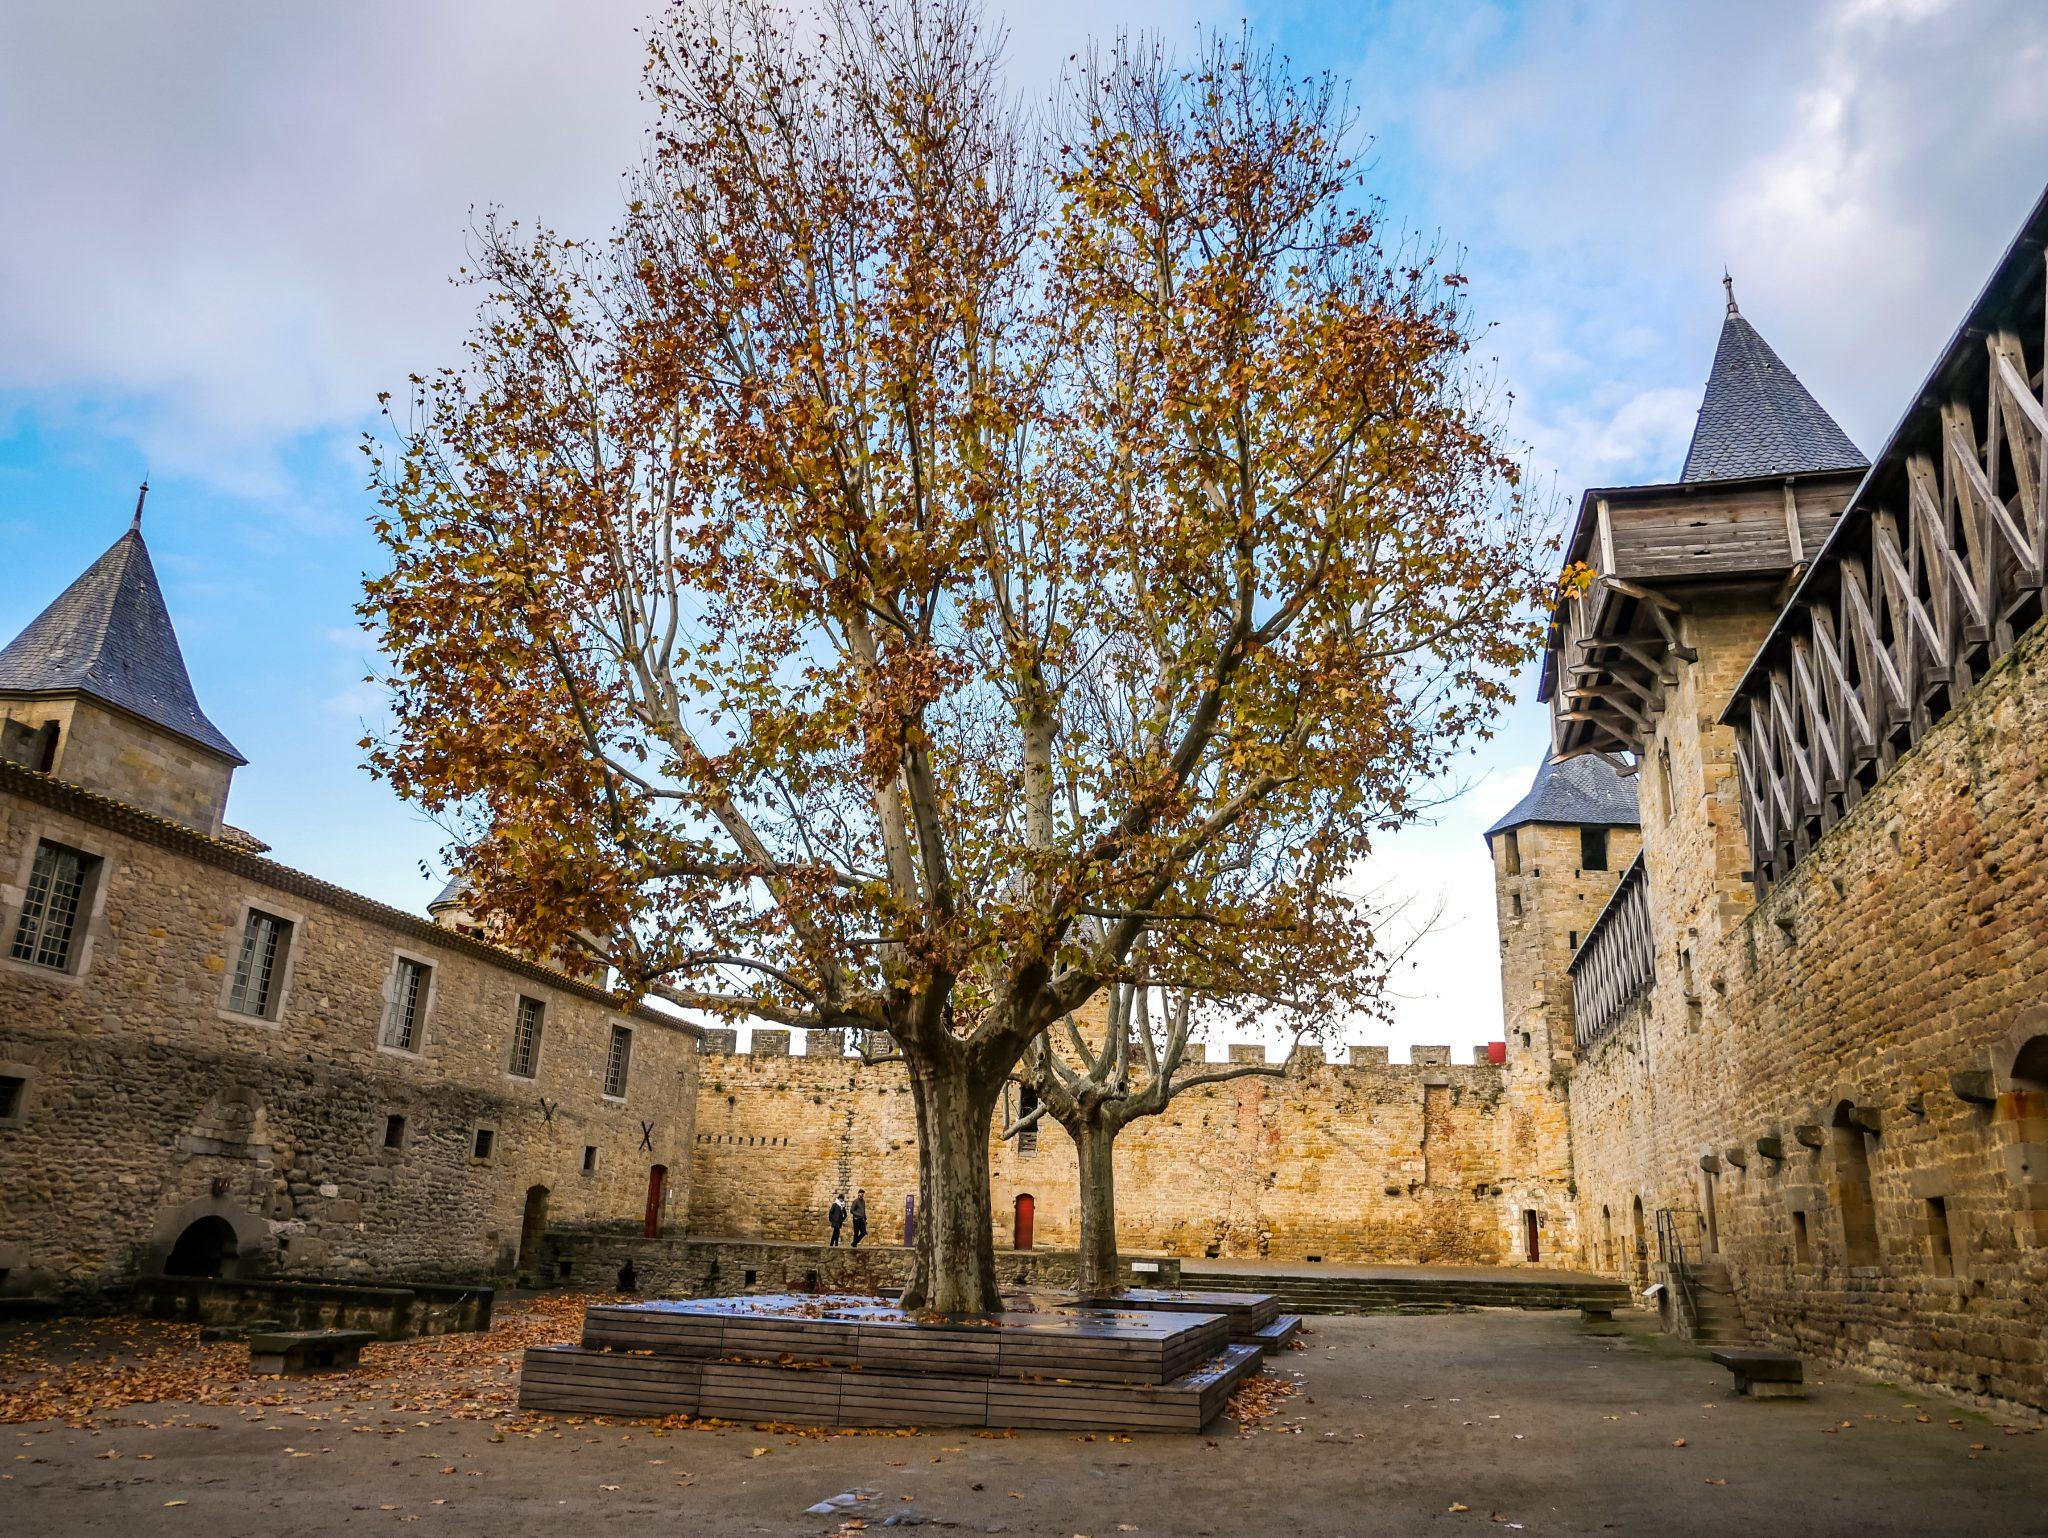 Das ist der Innenhof vom Schloss Carcassonne